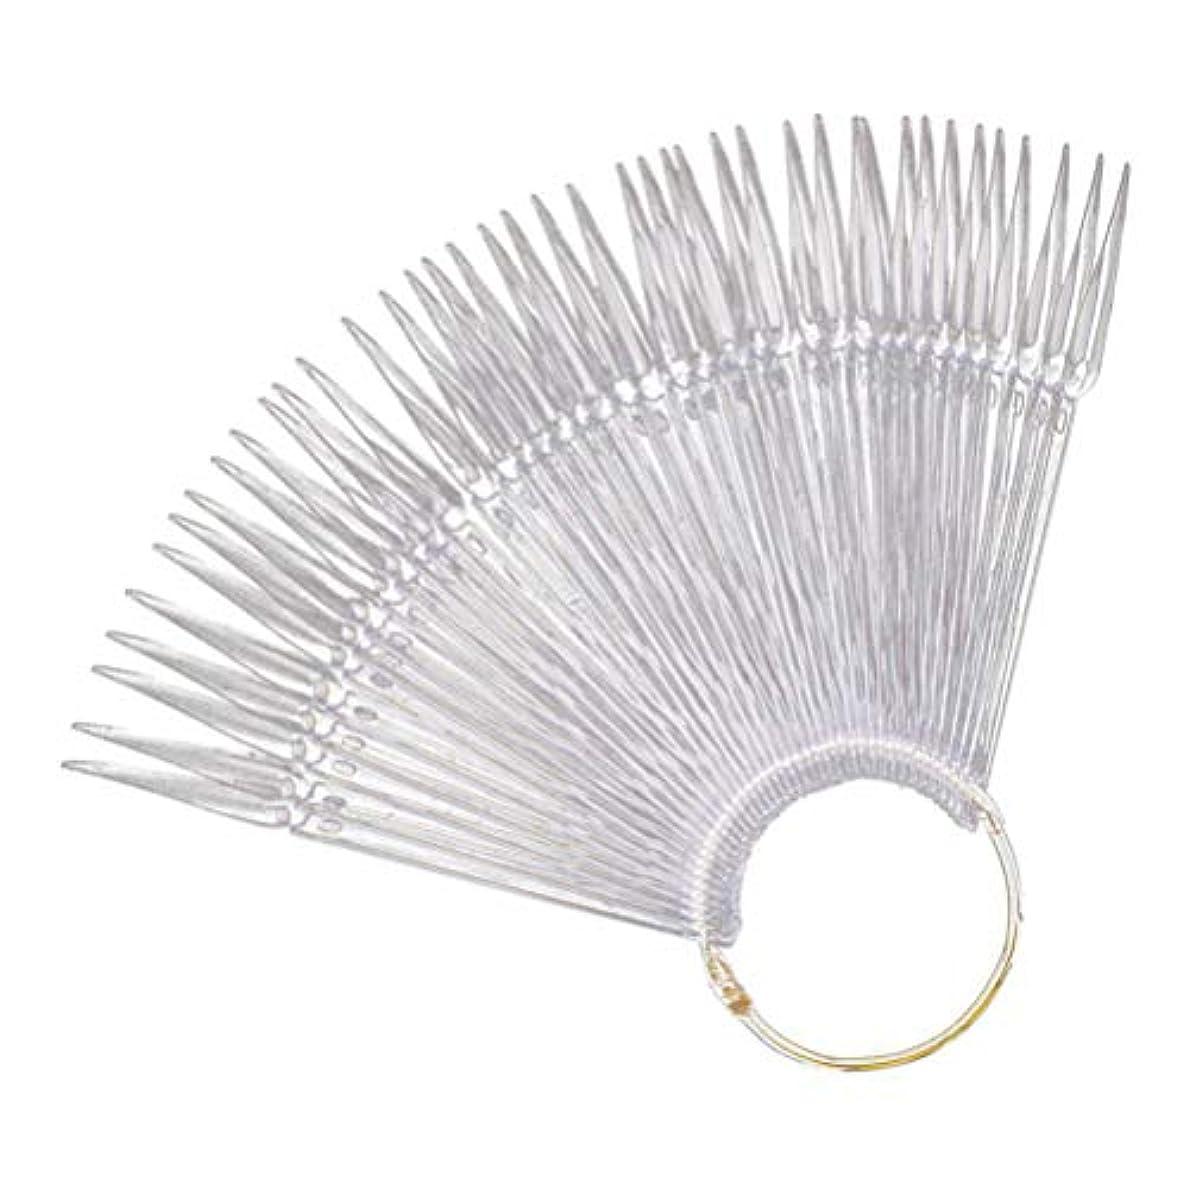 部追記蓮Minkissy Nail Art Tips Sticks Nail Color Plates Fan Shaped Display Swatches Manicure Palette Card Nail Art Supplies 100pcs (Transparent)